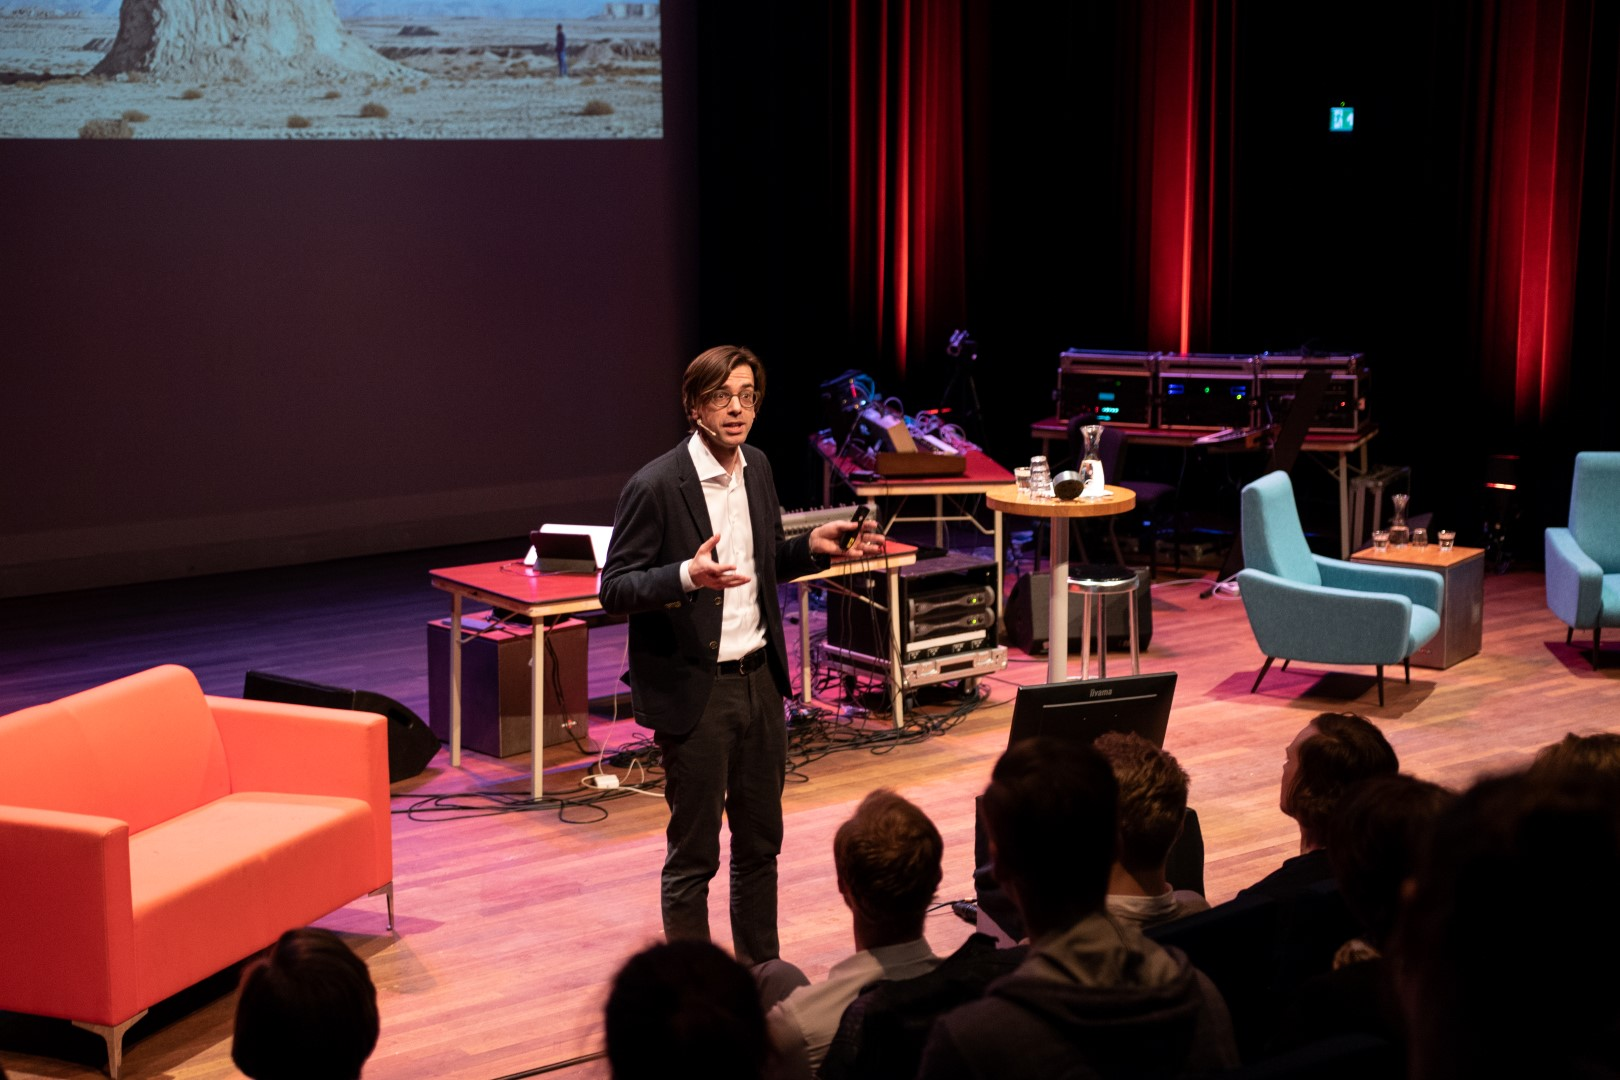 Ruben Terlou @ Vrede van Nijmegen Penning